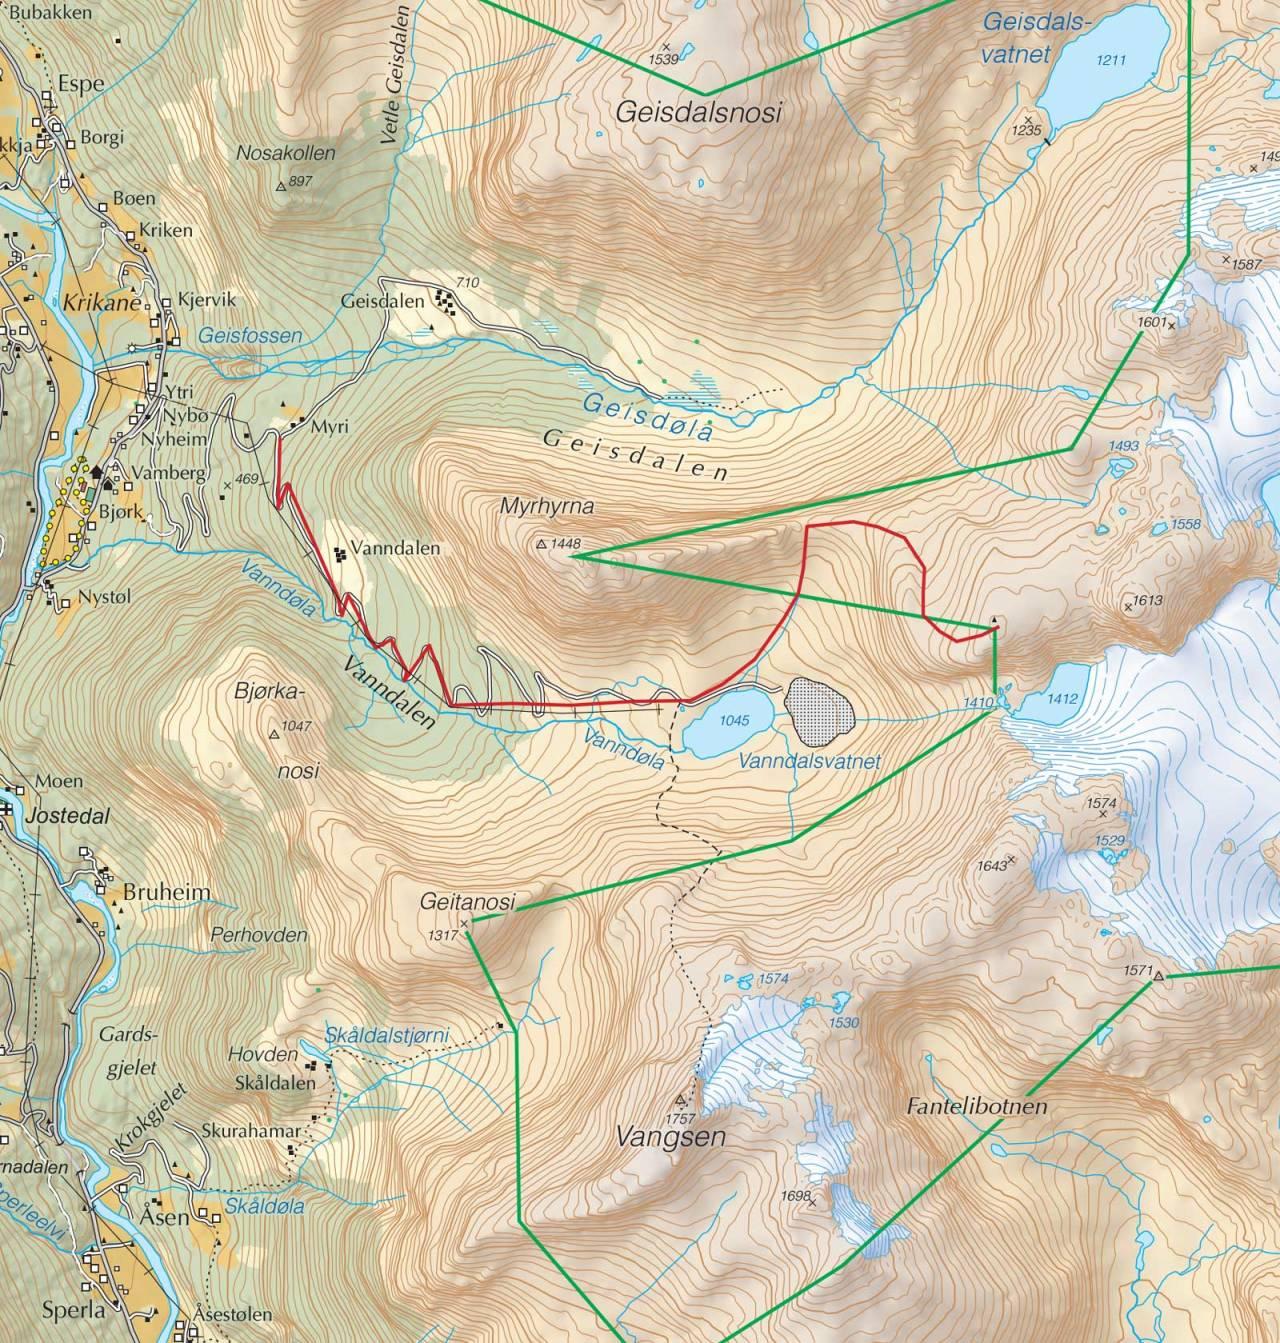 Kart over Hytta på Mannen med inntegnet rute. Fra Trygge toppturer.